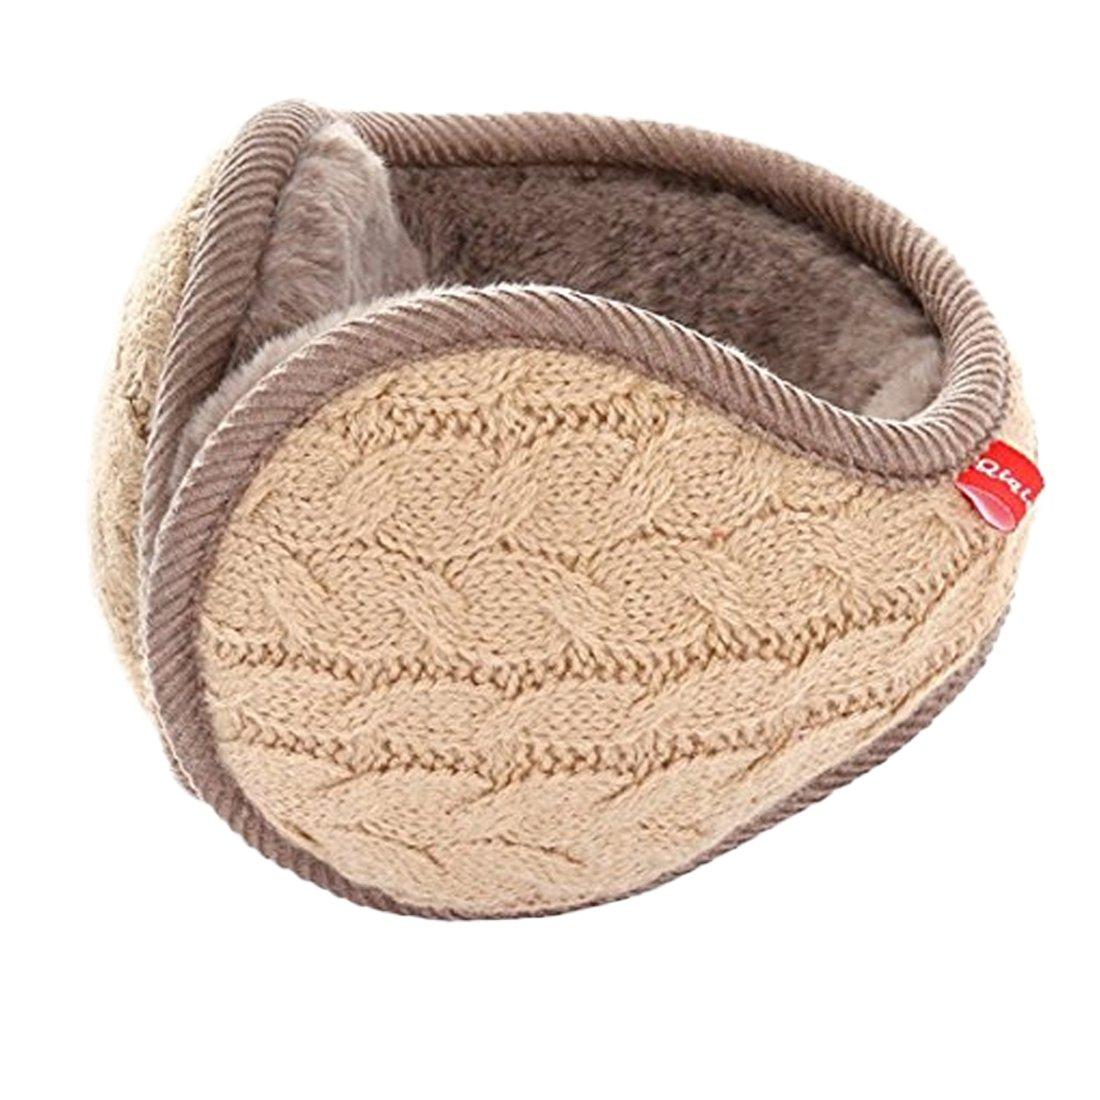 Winter Knit Ear Warmers for Women Foldable Unisex